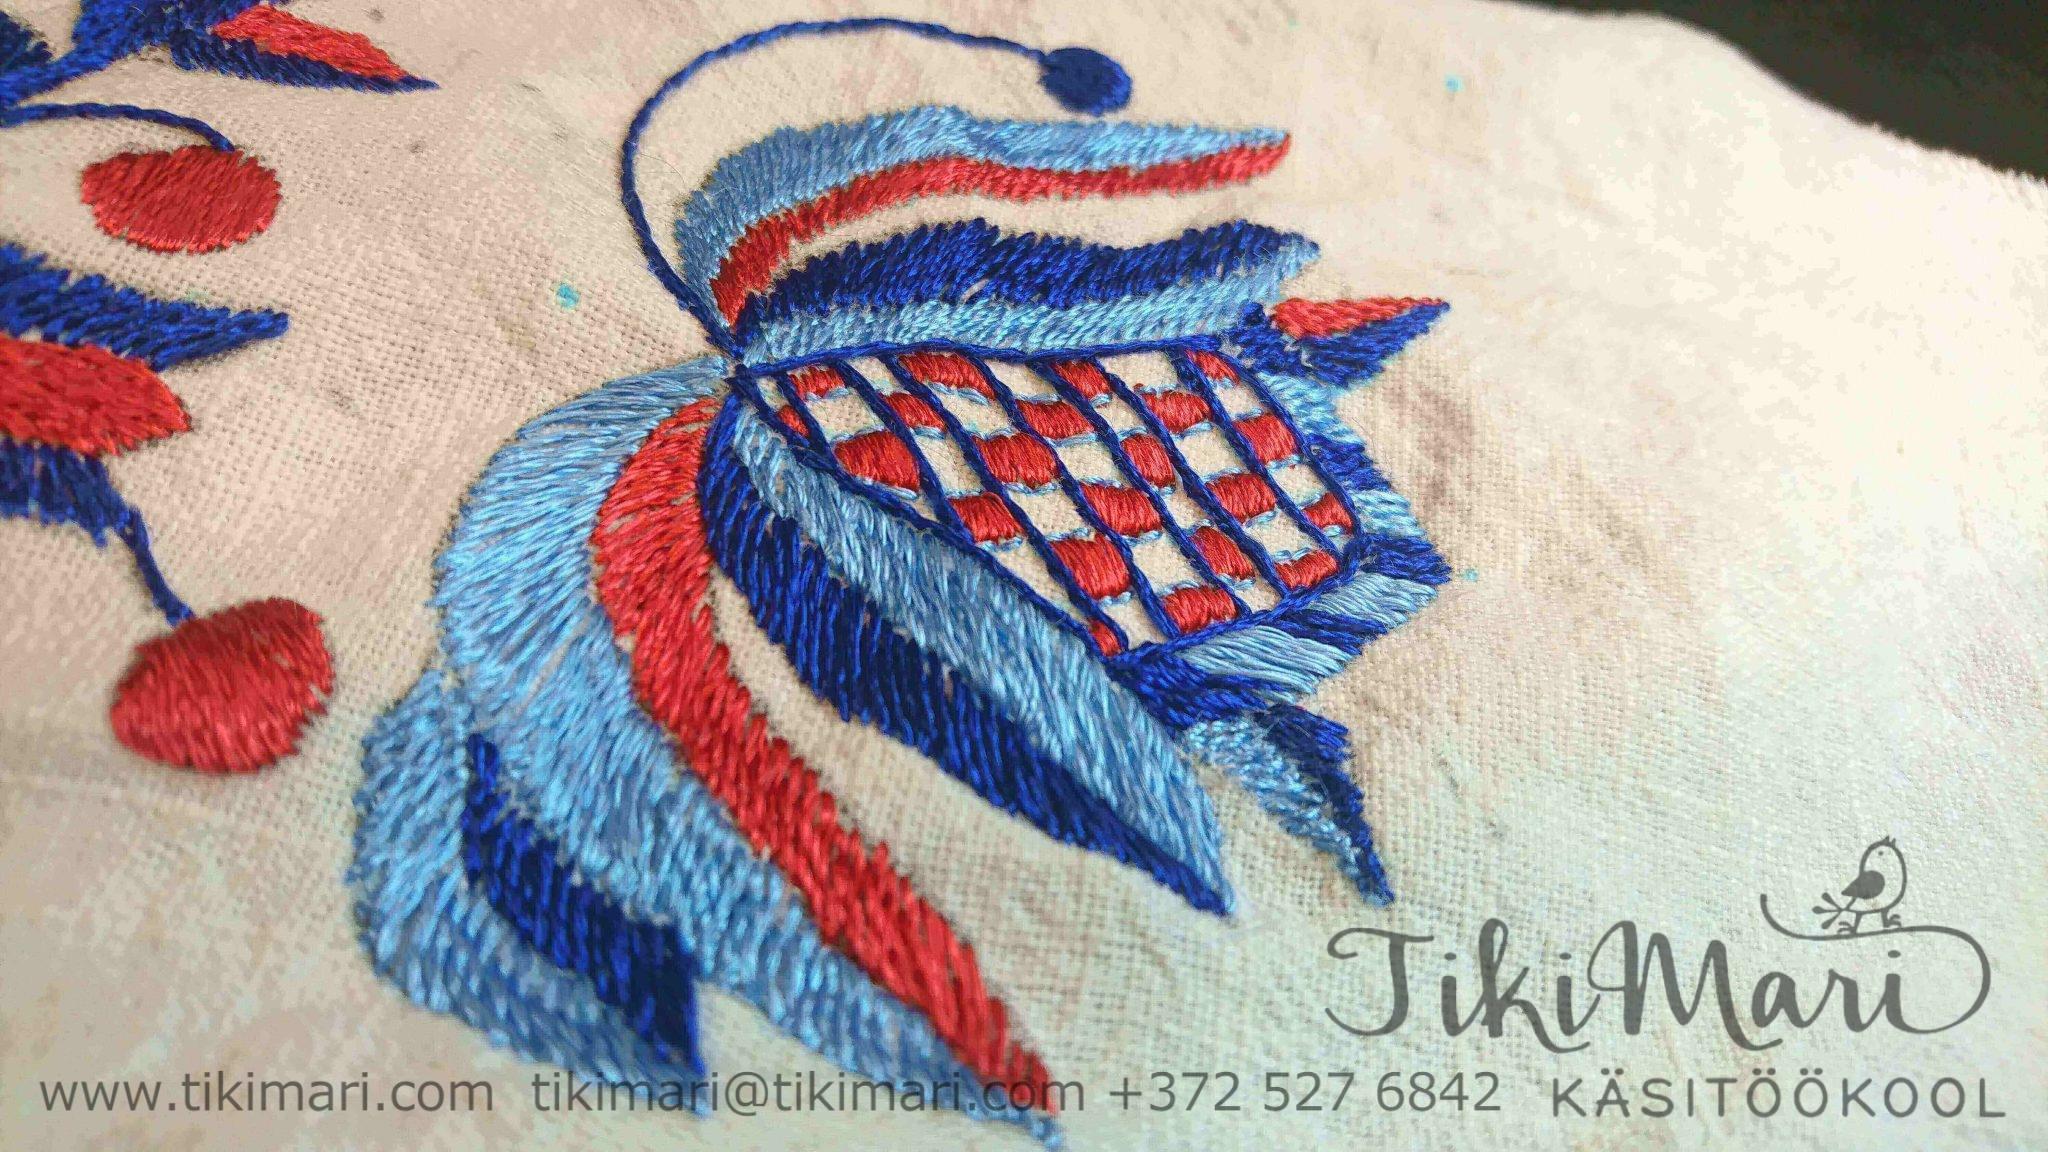 Tikkimine - Tiina - TikiMari OÜ, tiina@tikimari.com, +372 527 6842